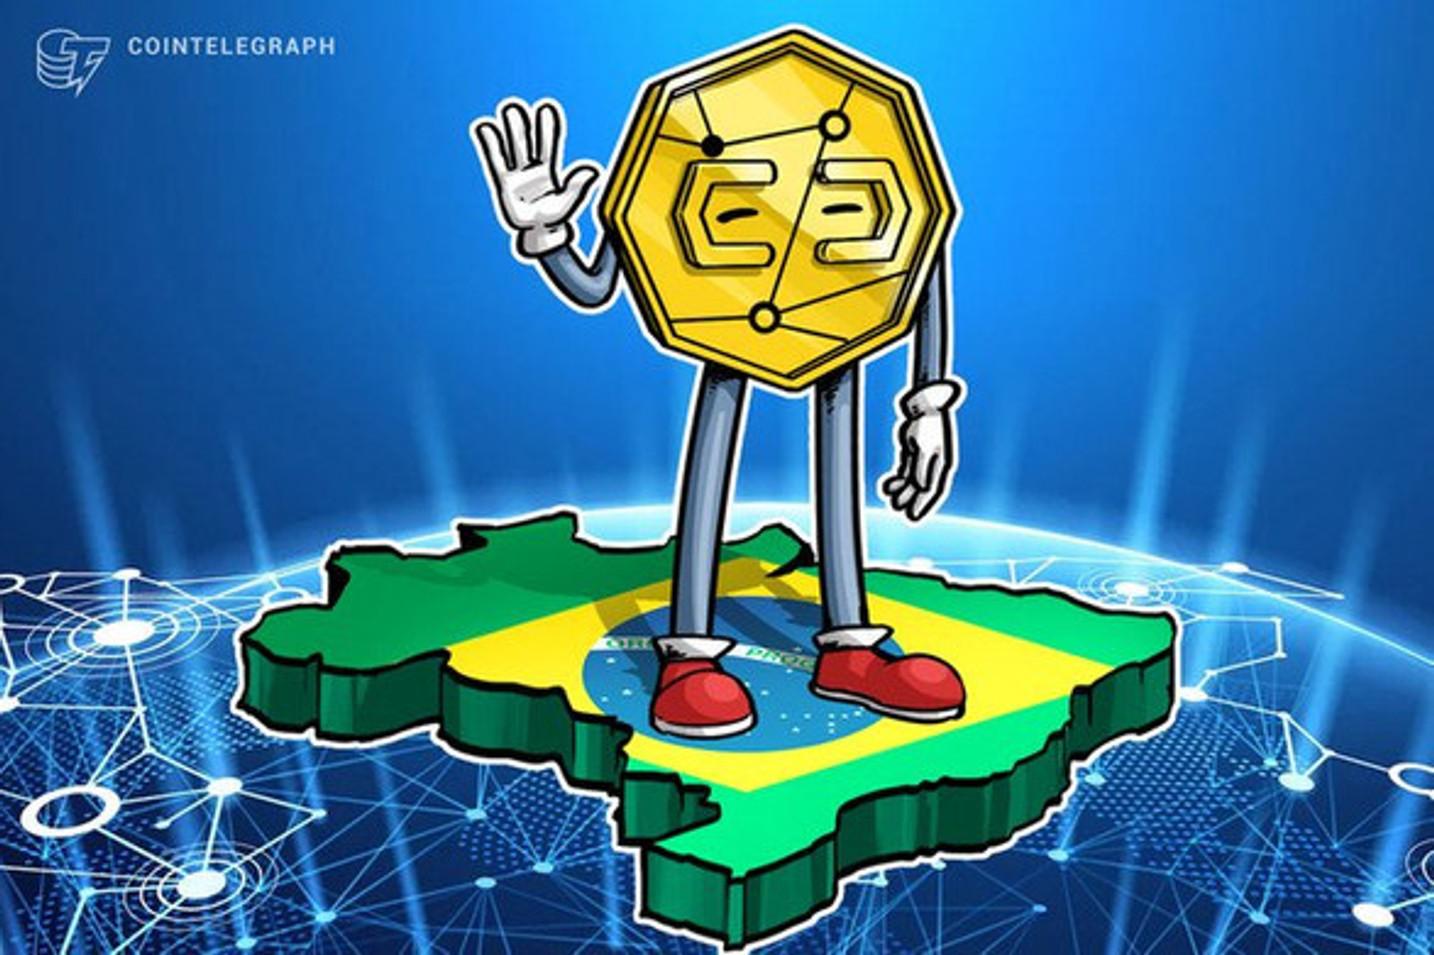 Melhor da Semana: Banco Central briga por nota de R$ 200, fintechs dominam o Pix e o milagre dos Bitcoins 'adormecidos'